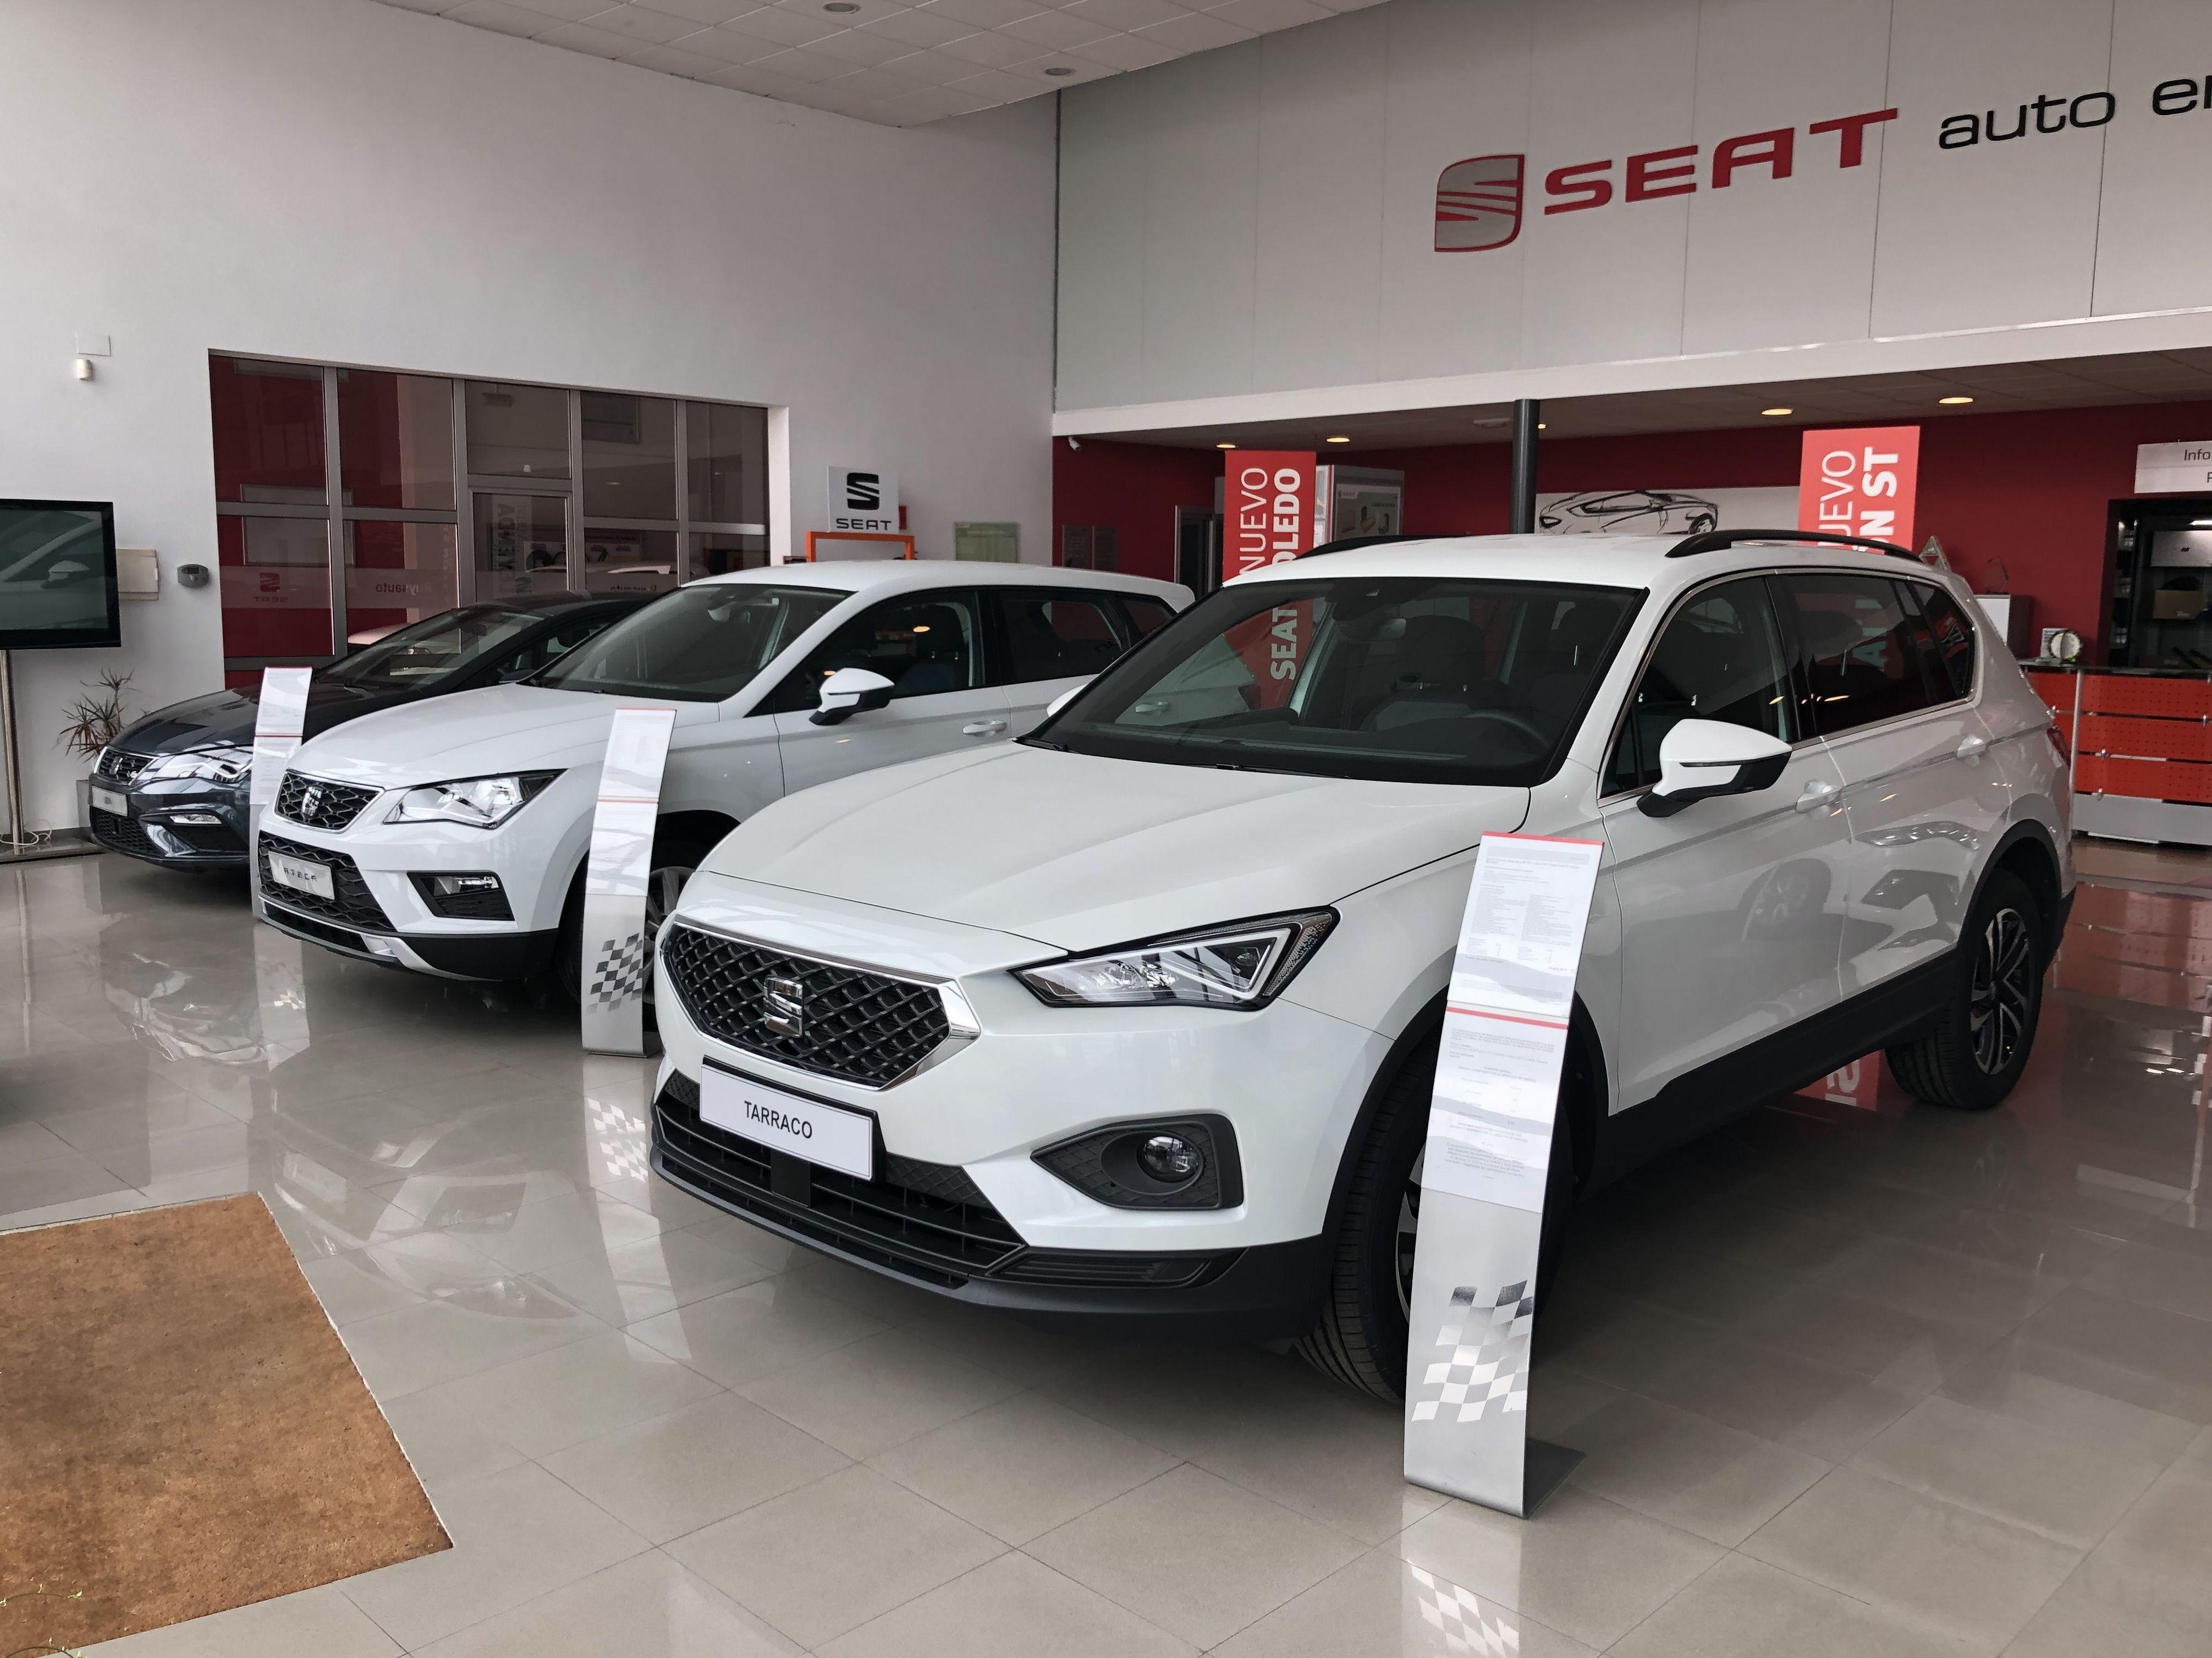 Foto 16 de Concesionarios de coches en  | Ruysauto